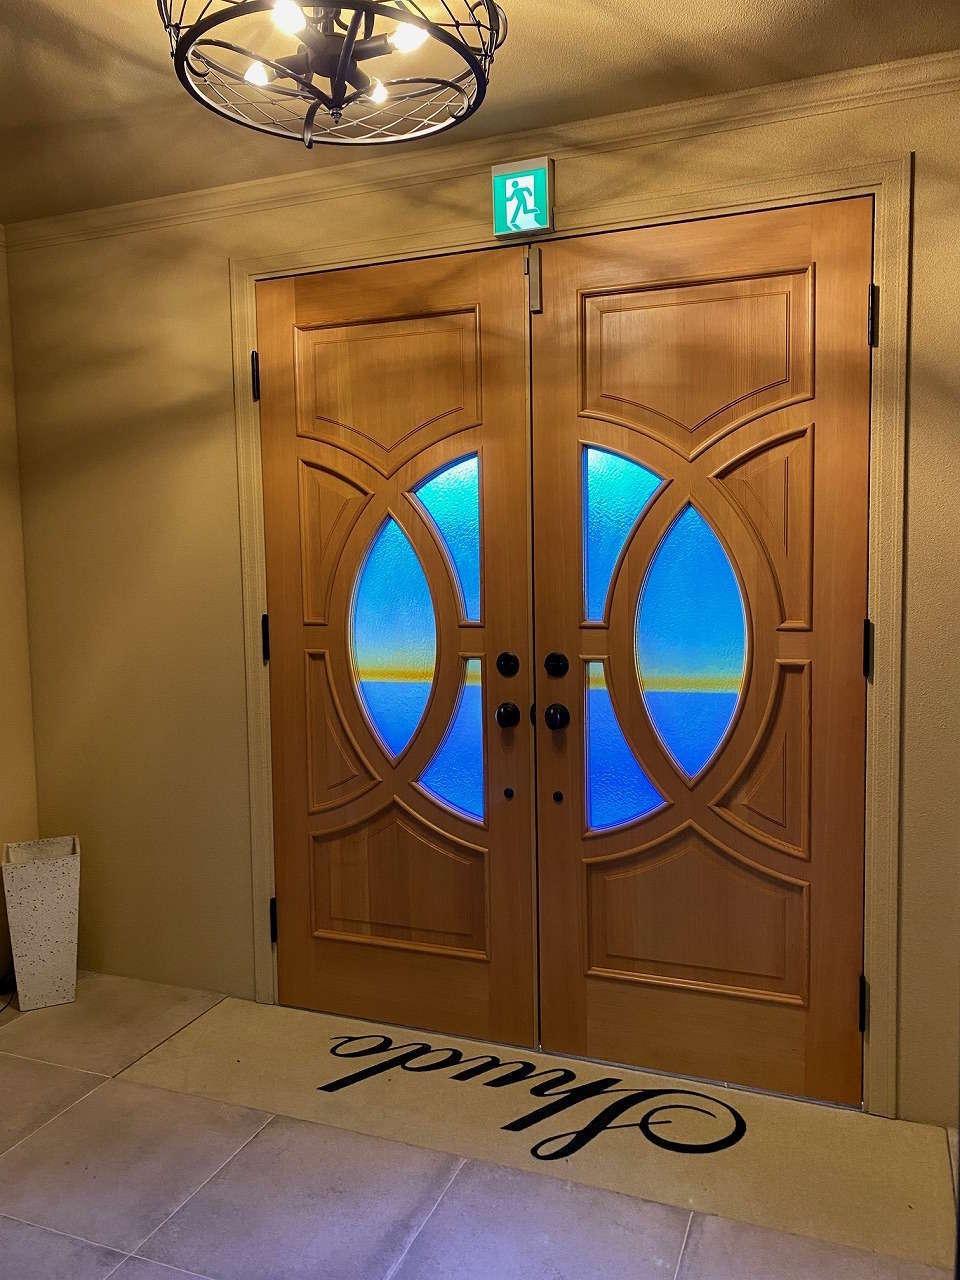 ツリーズ【デザイン住宅、輸入住宅、建築家】観音開きの玄関ドアは海外から取り寄せた特注品